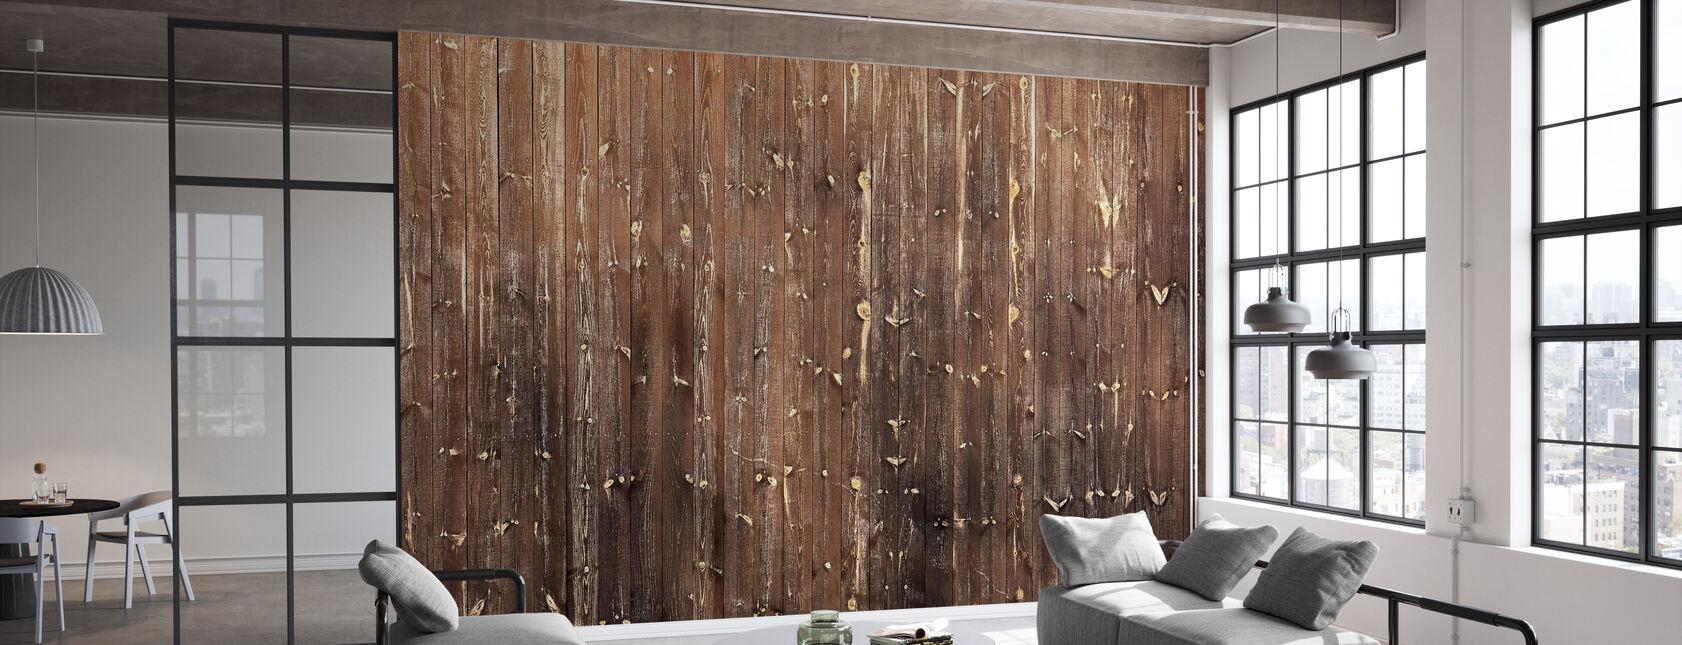 Ruskea puinen seinä - Tapetti - Toimisto